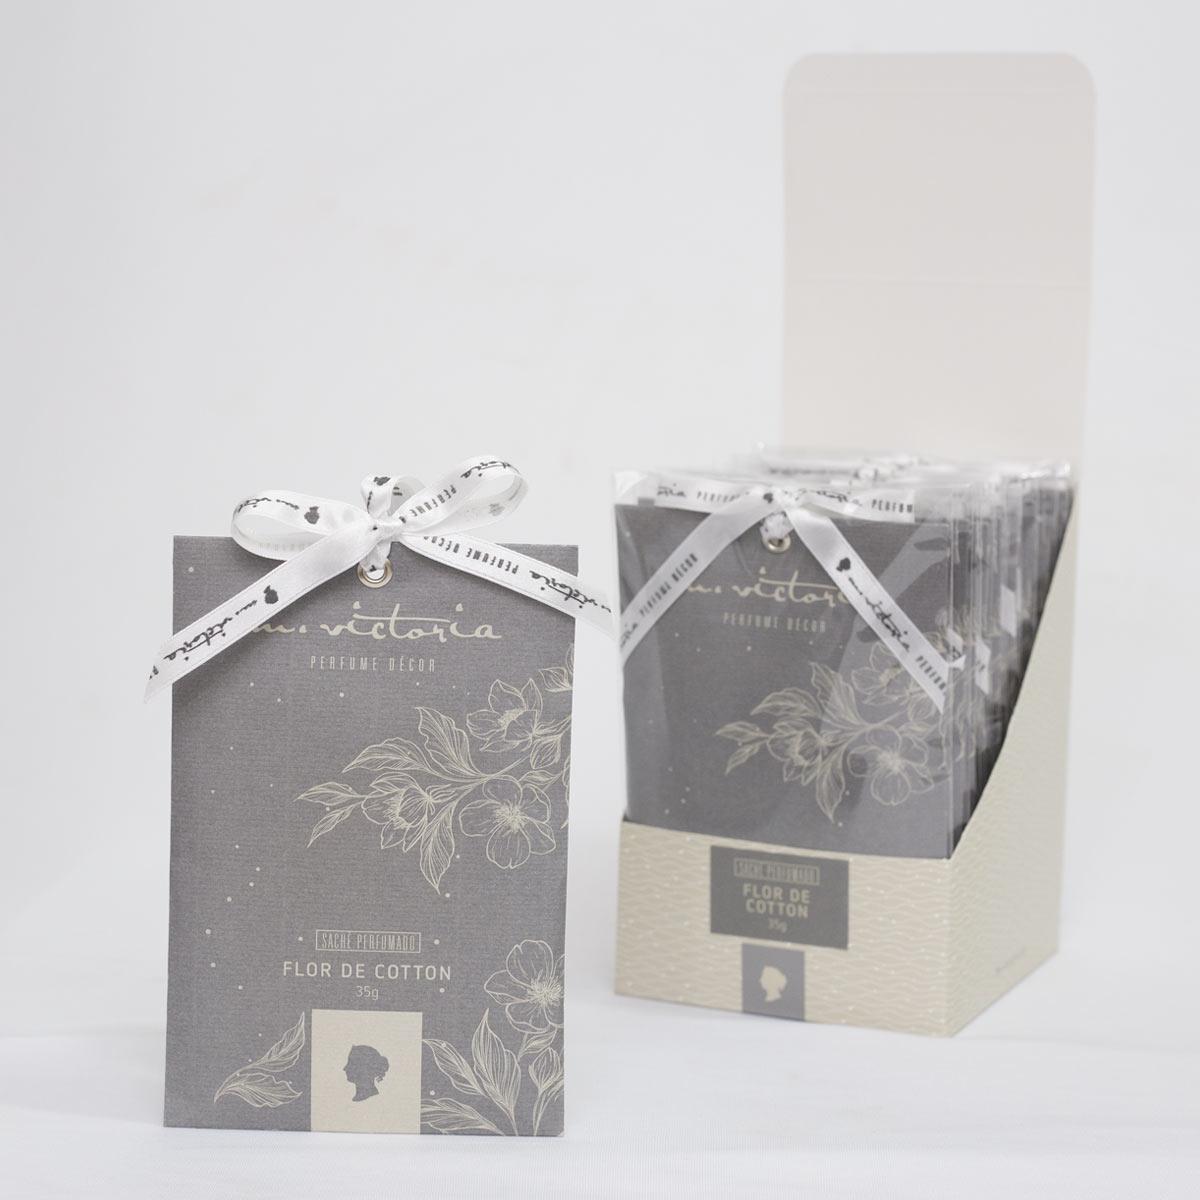 Caixa com 10 unidades de Sachê Perfumado 35g